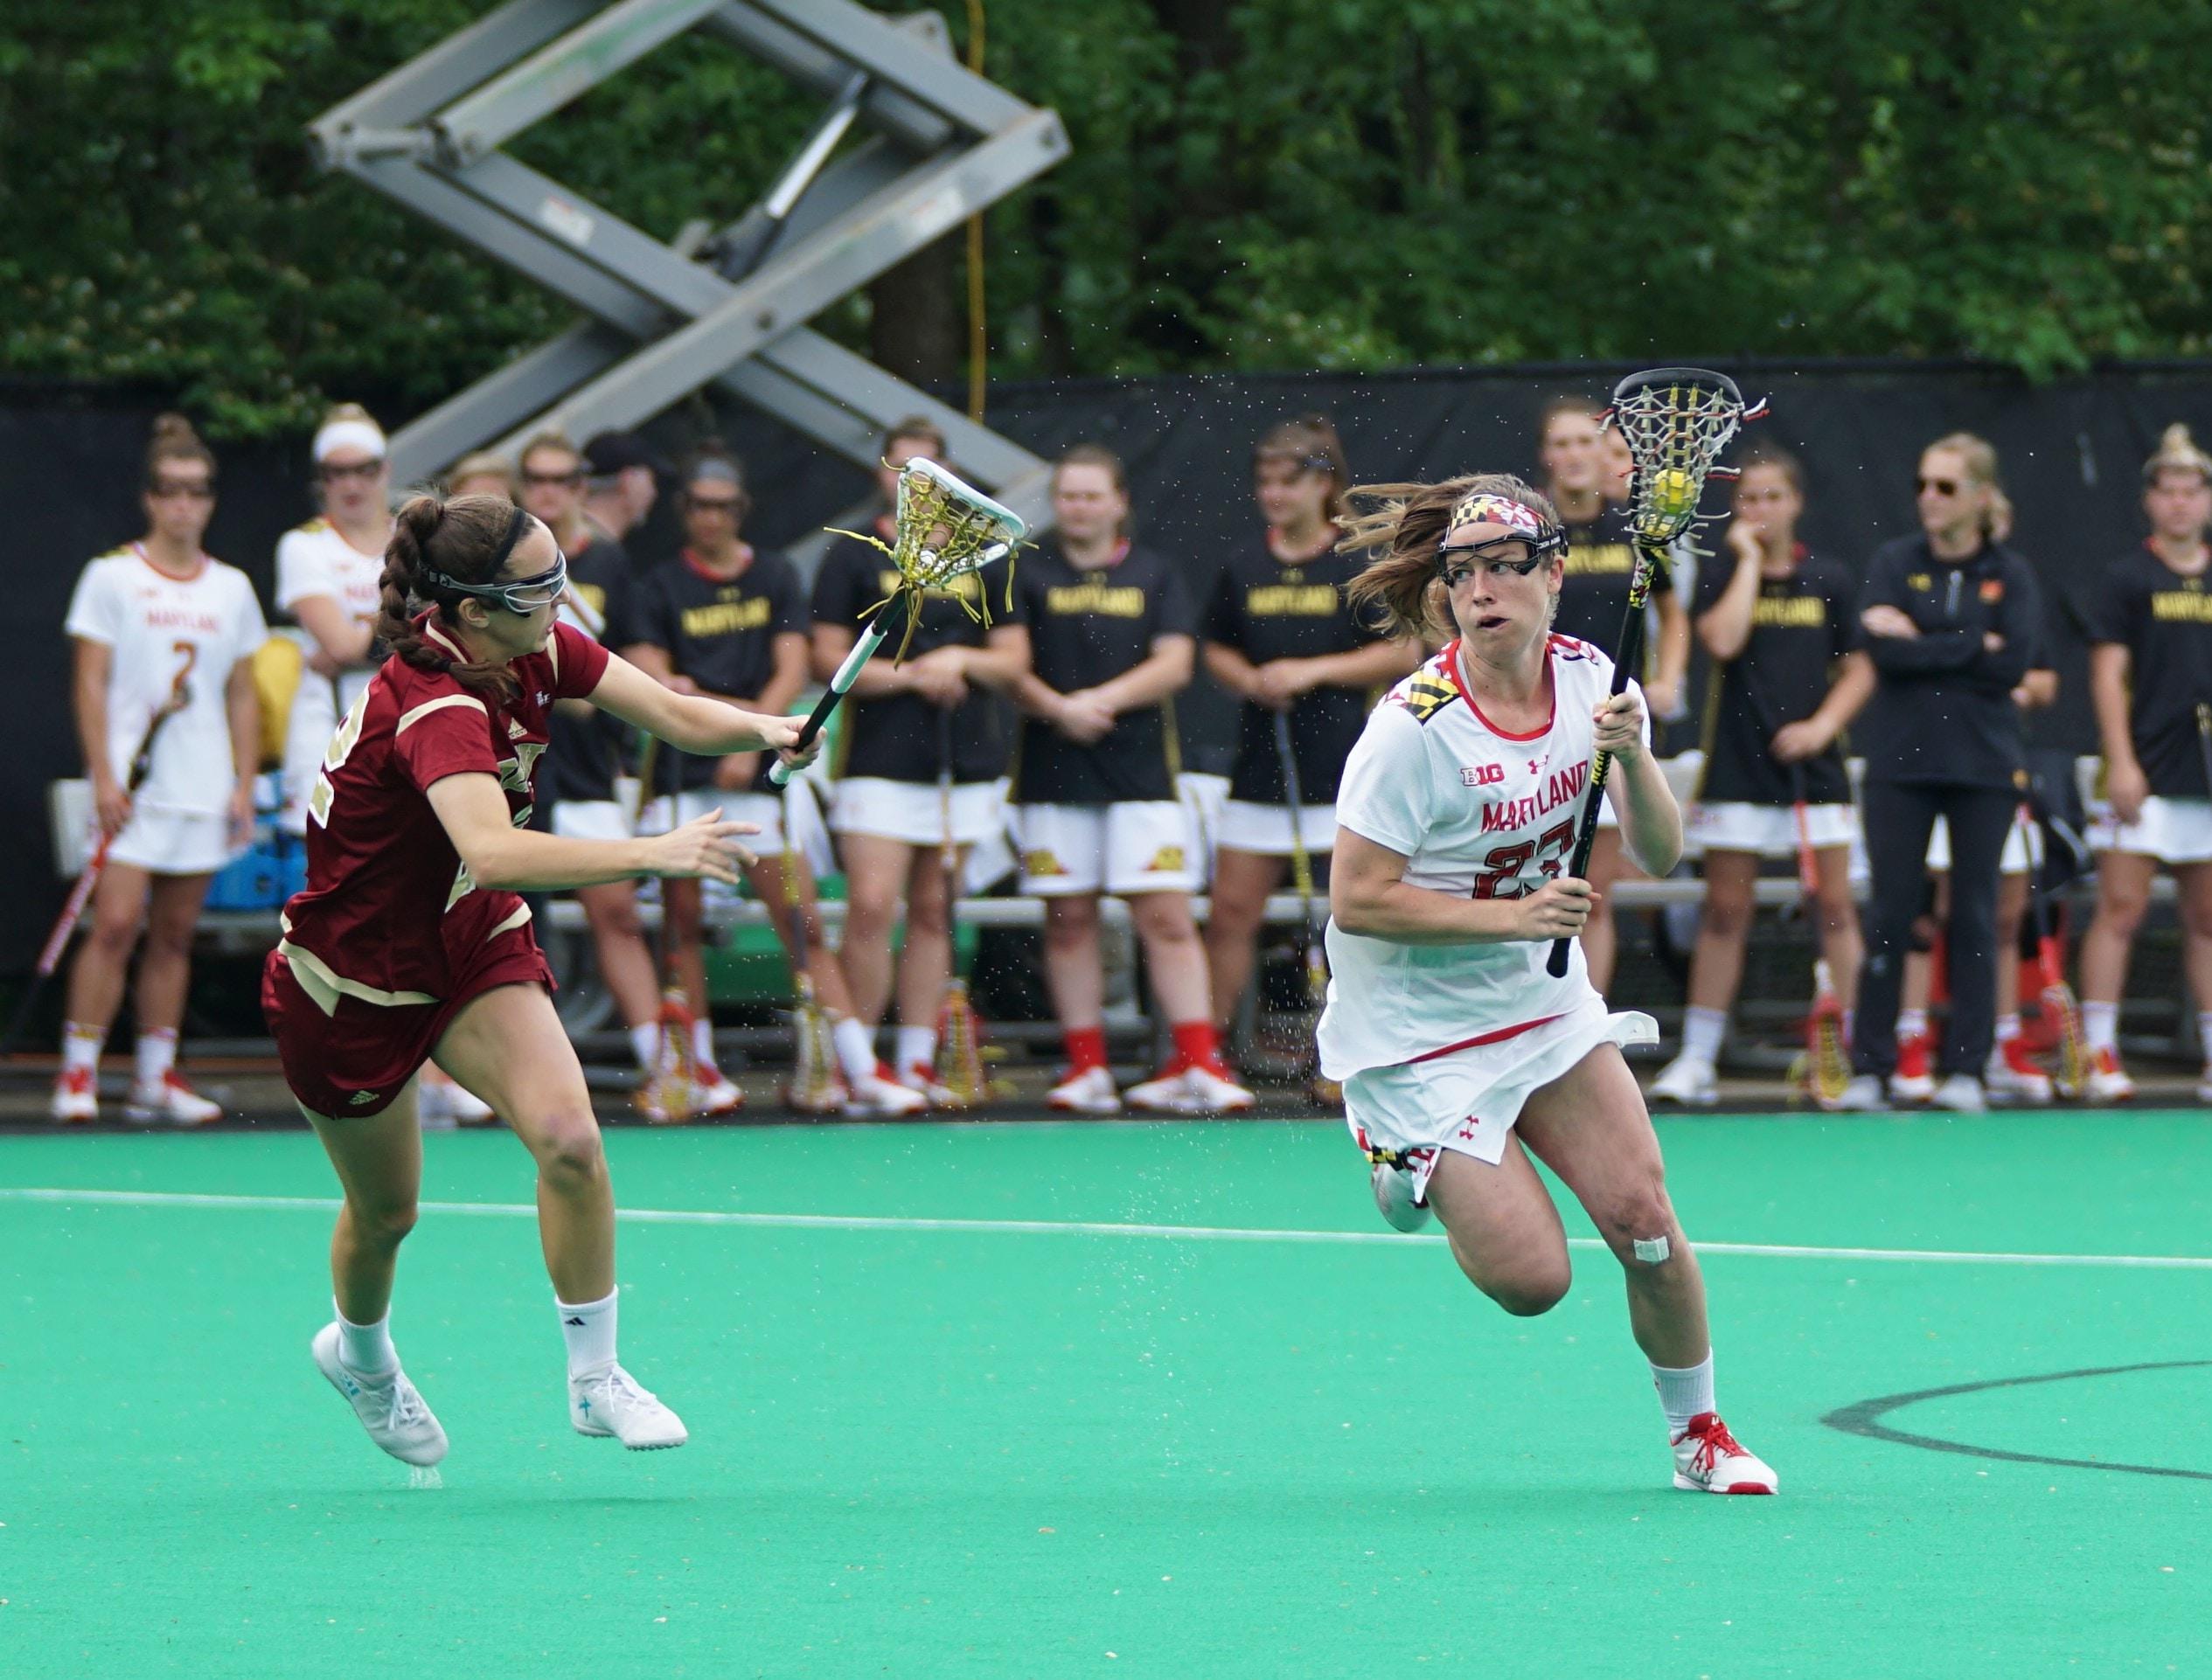 women playing lacrosse game during daytime